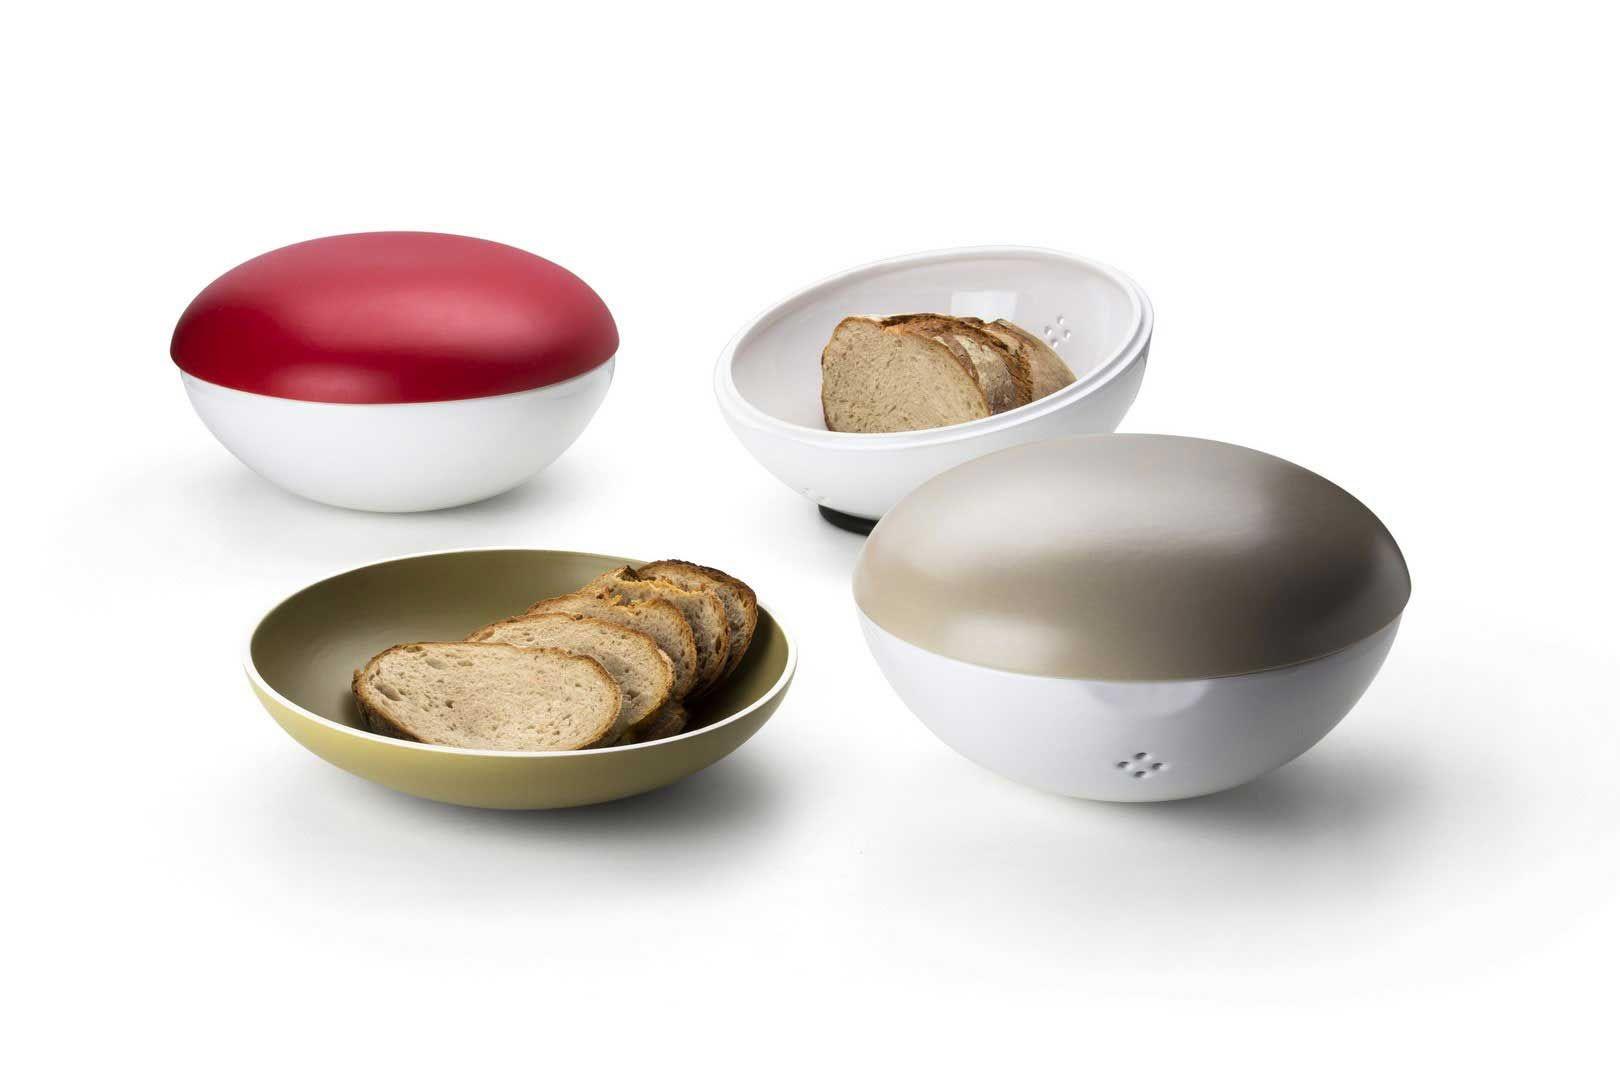 continenta brottopf mit brotschale rund continenta pinterest brot kuchen und brottopf. Black Bedroom Furniture Sets. Home Design Ideas